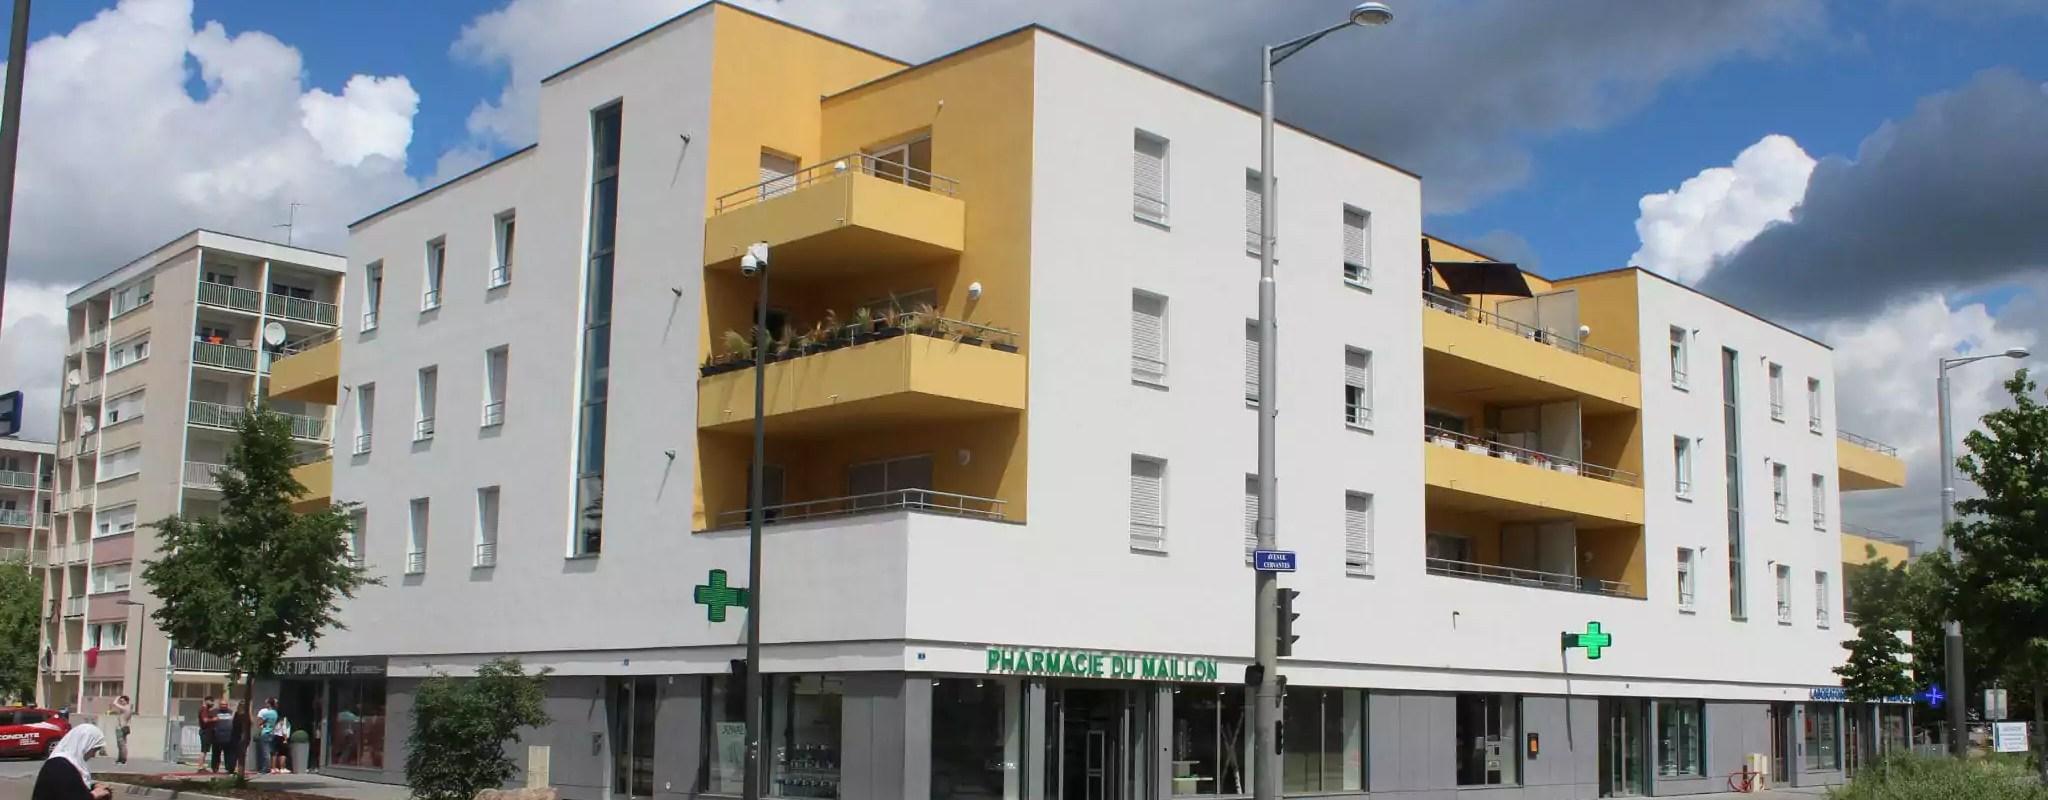 Strasbourg aide à l'implantation de commerces de proximité à Hautepierre